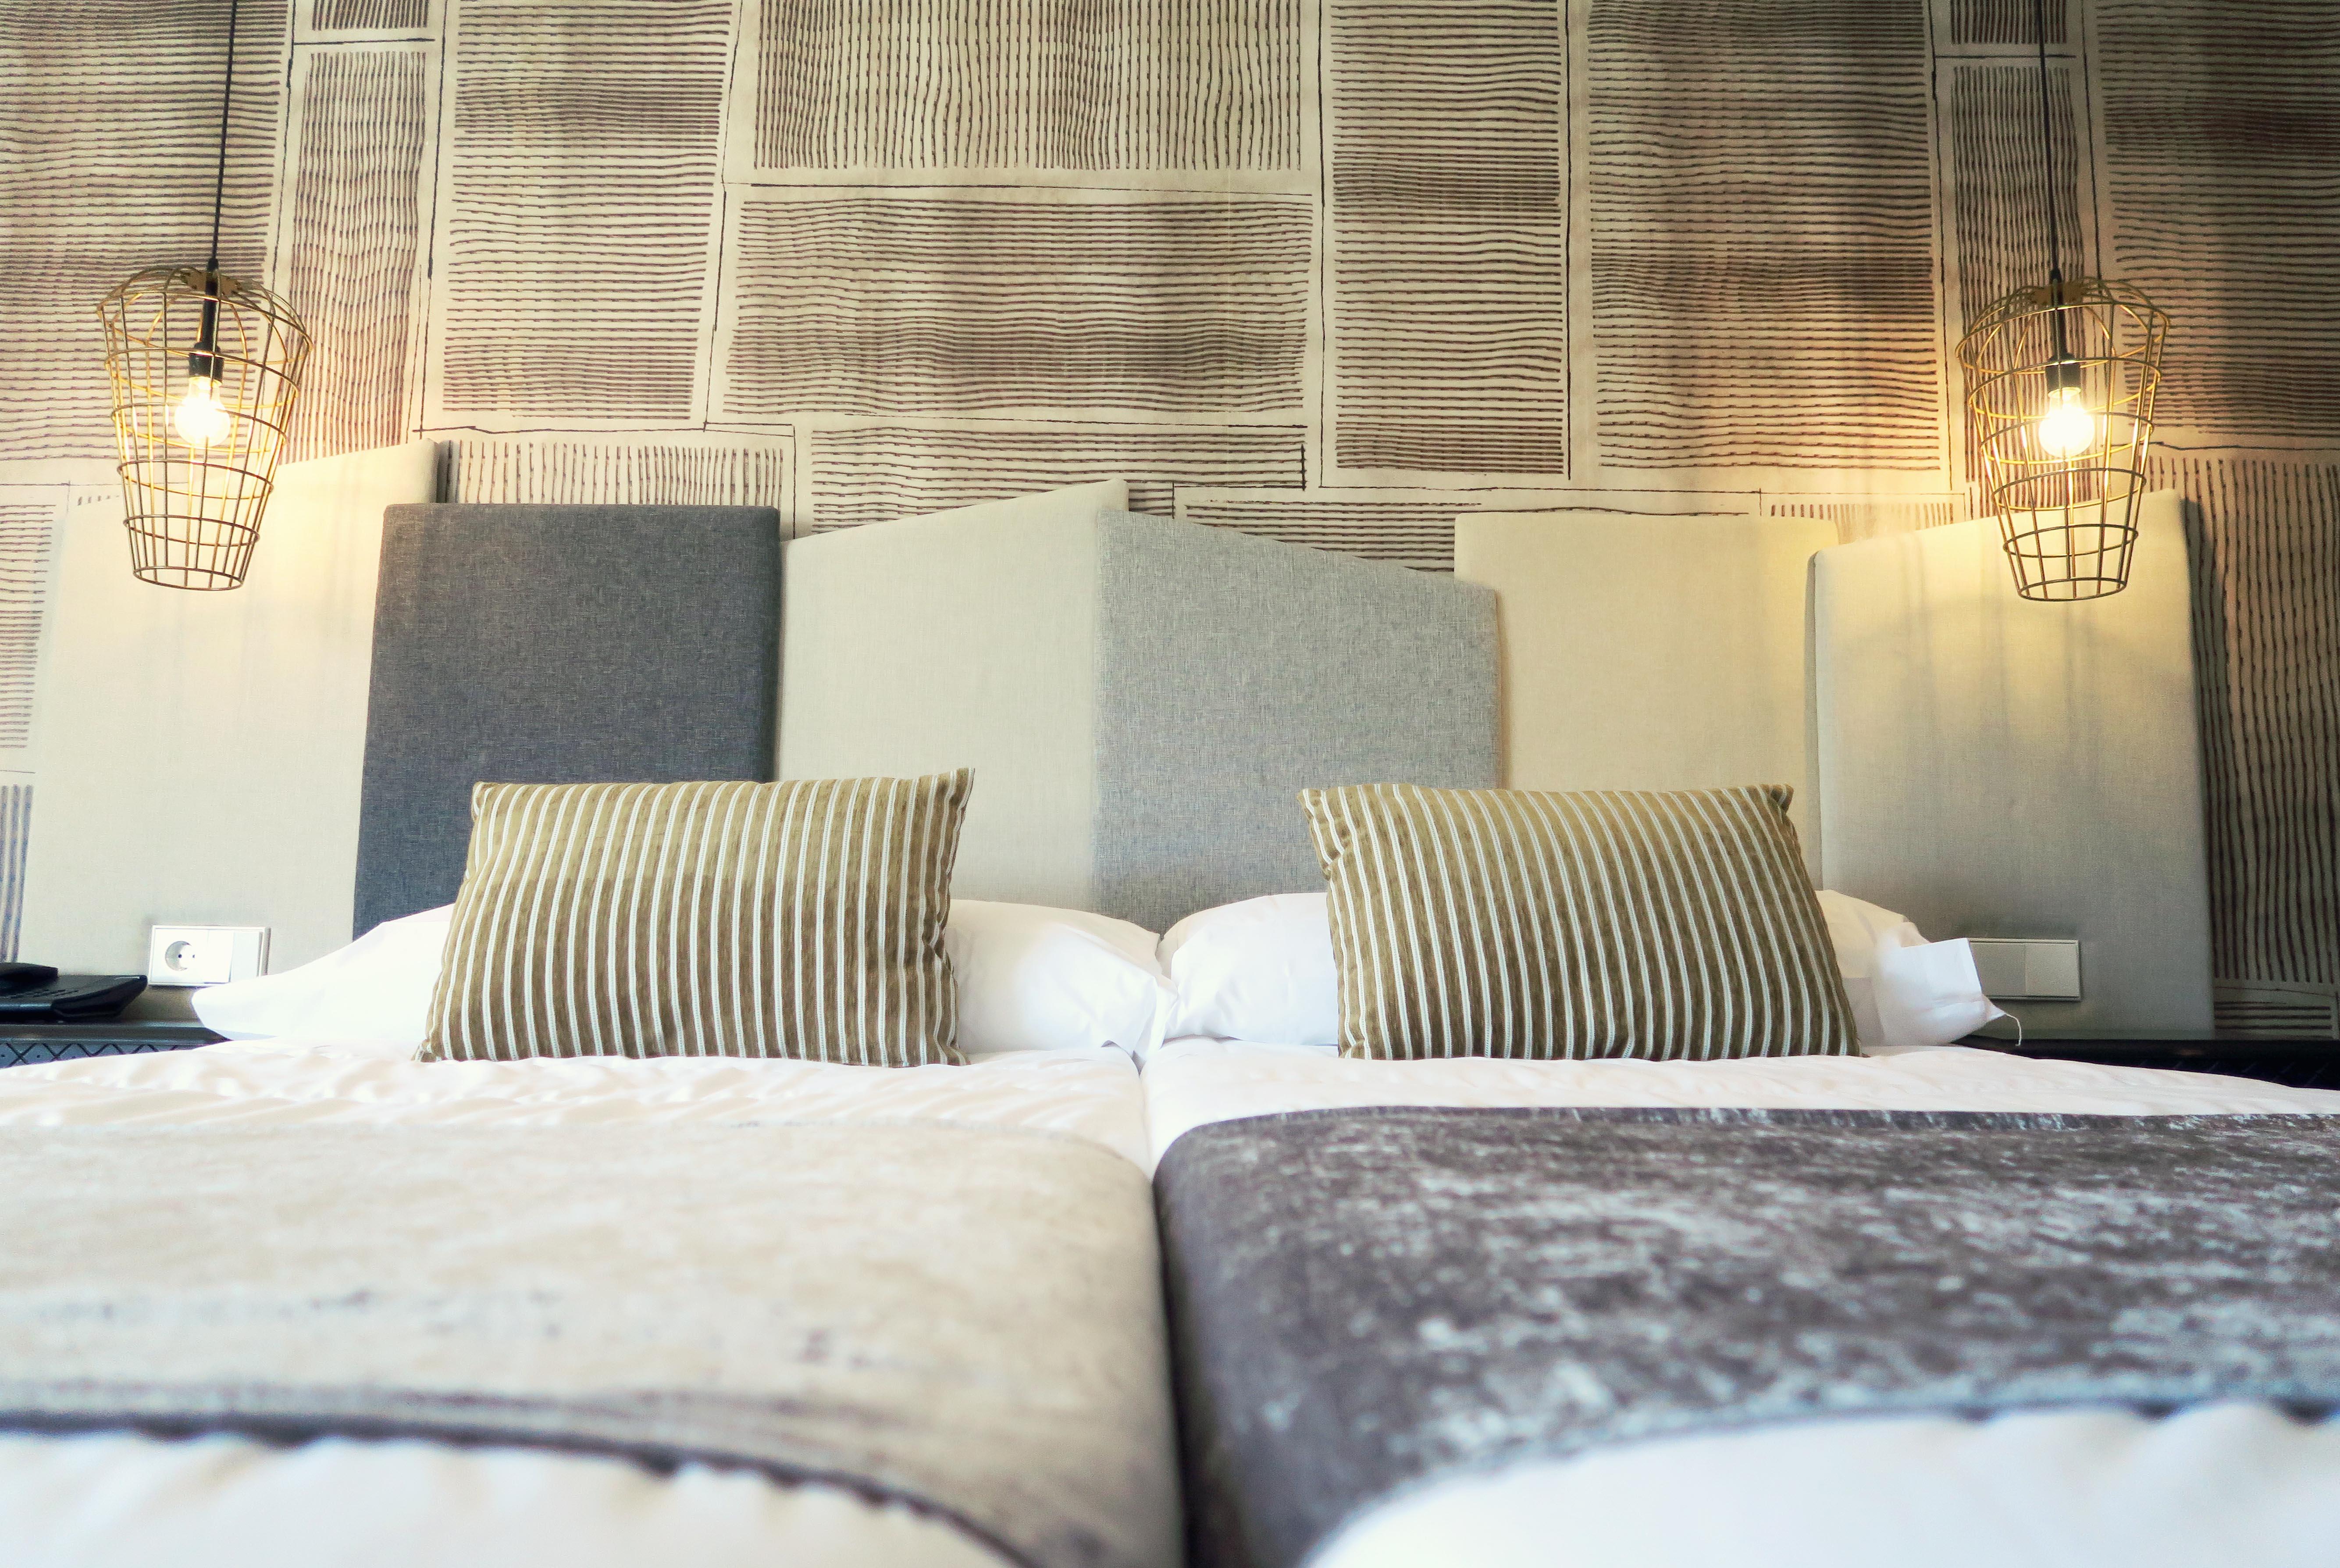 Hotel room at The Fergus Resort, Magaluf, Majorca